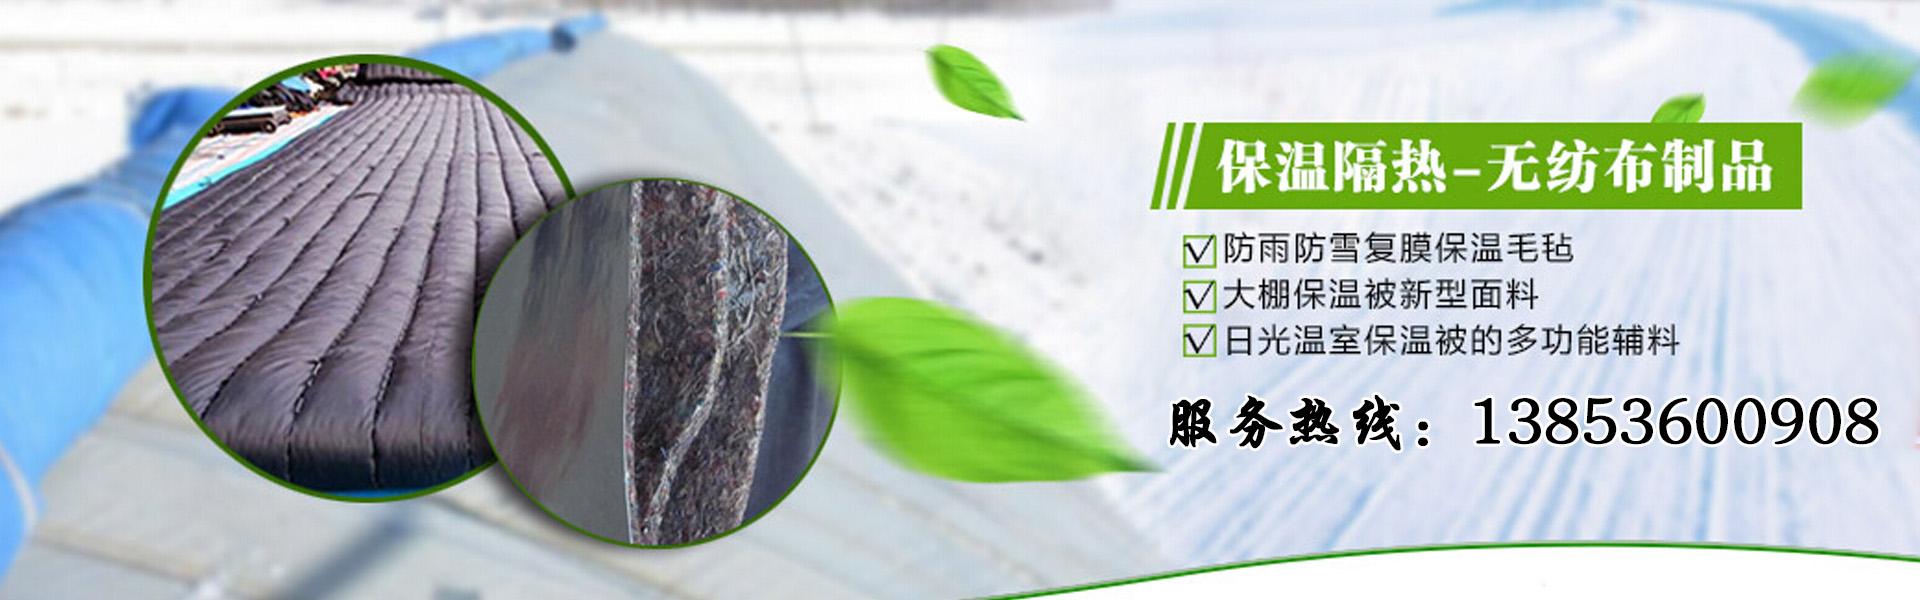 青州市建利农业装备有限公司